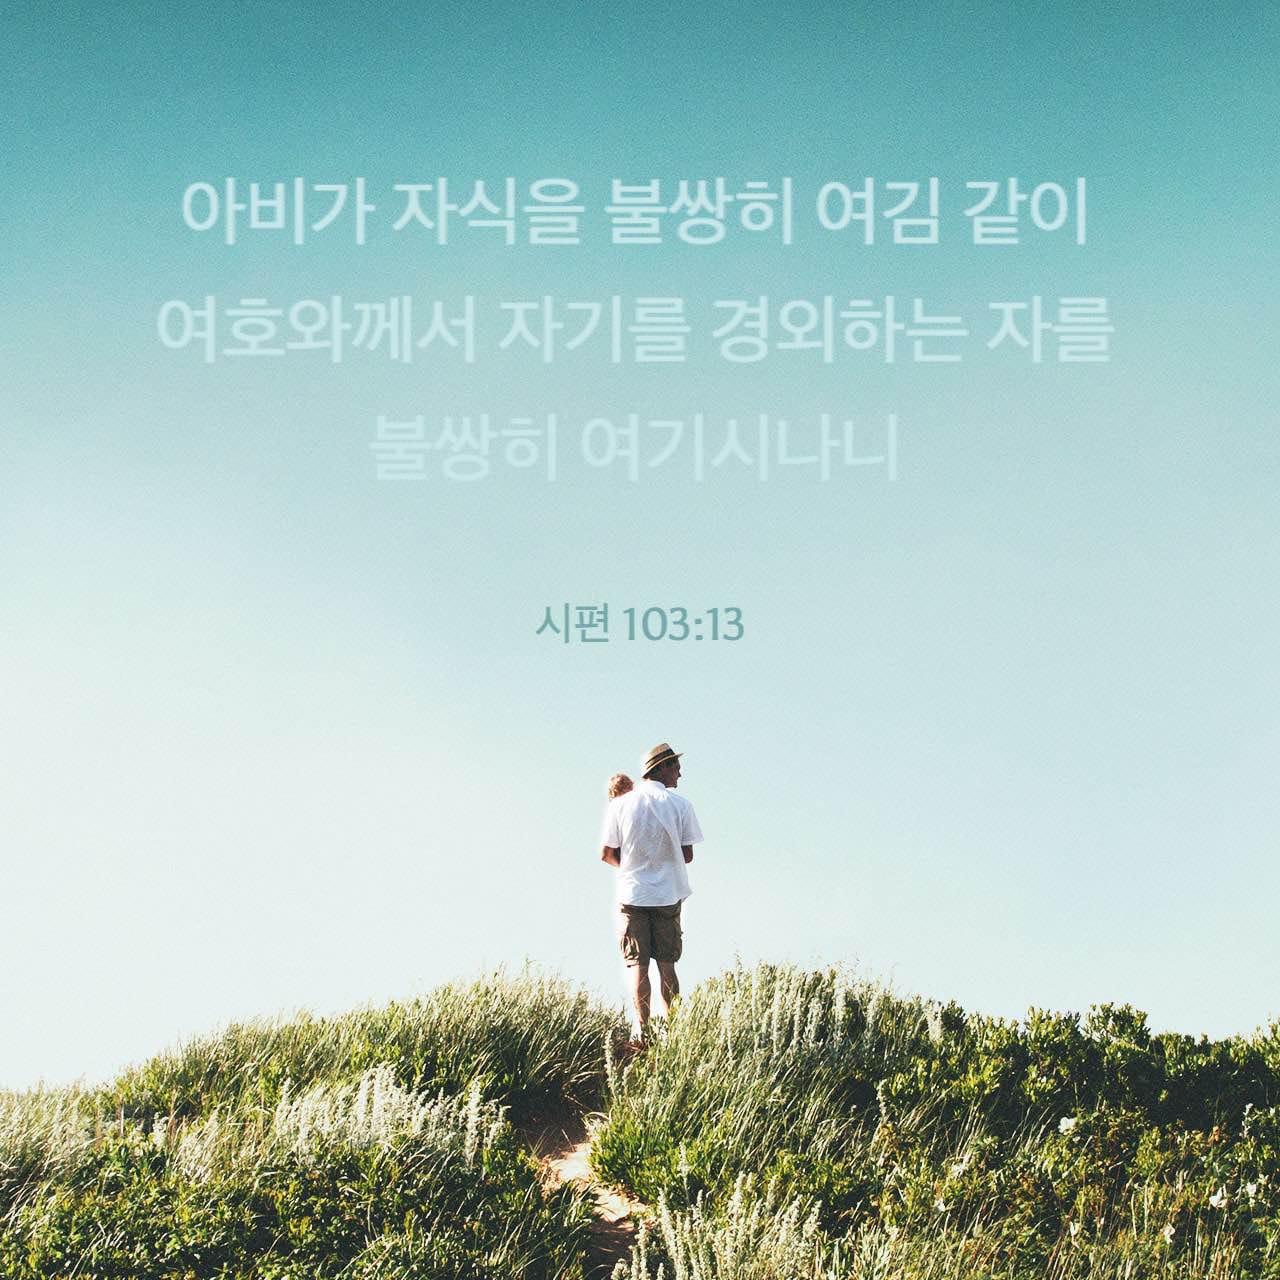 주아비가 자식을 불쌍히 여김 같이 여호와께서 자기를 경외하는 자를 불쌍히 여기시나니 - 시편 103: 13 - 말씀 이미지